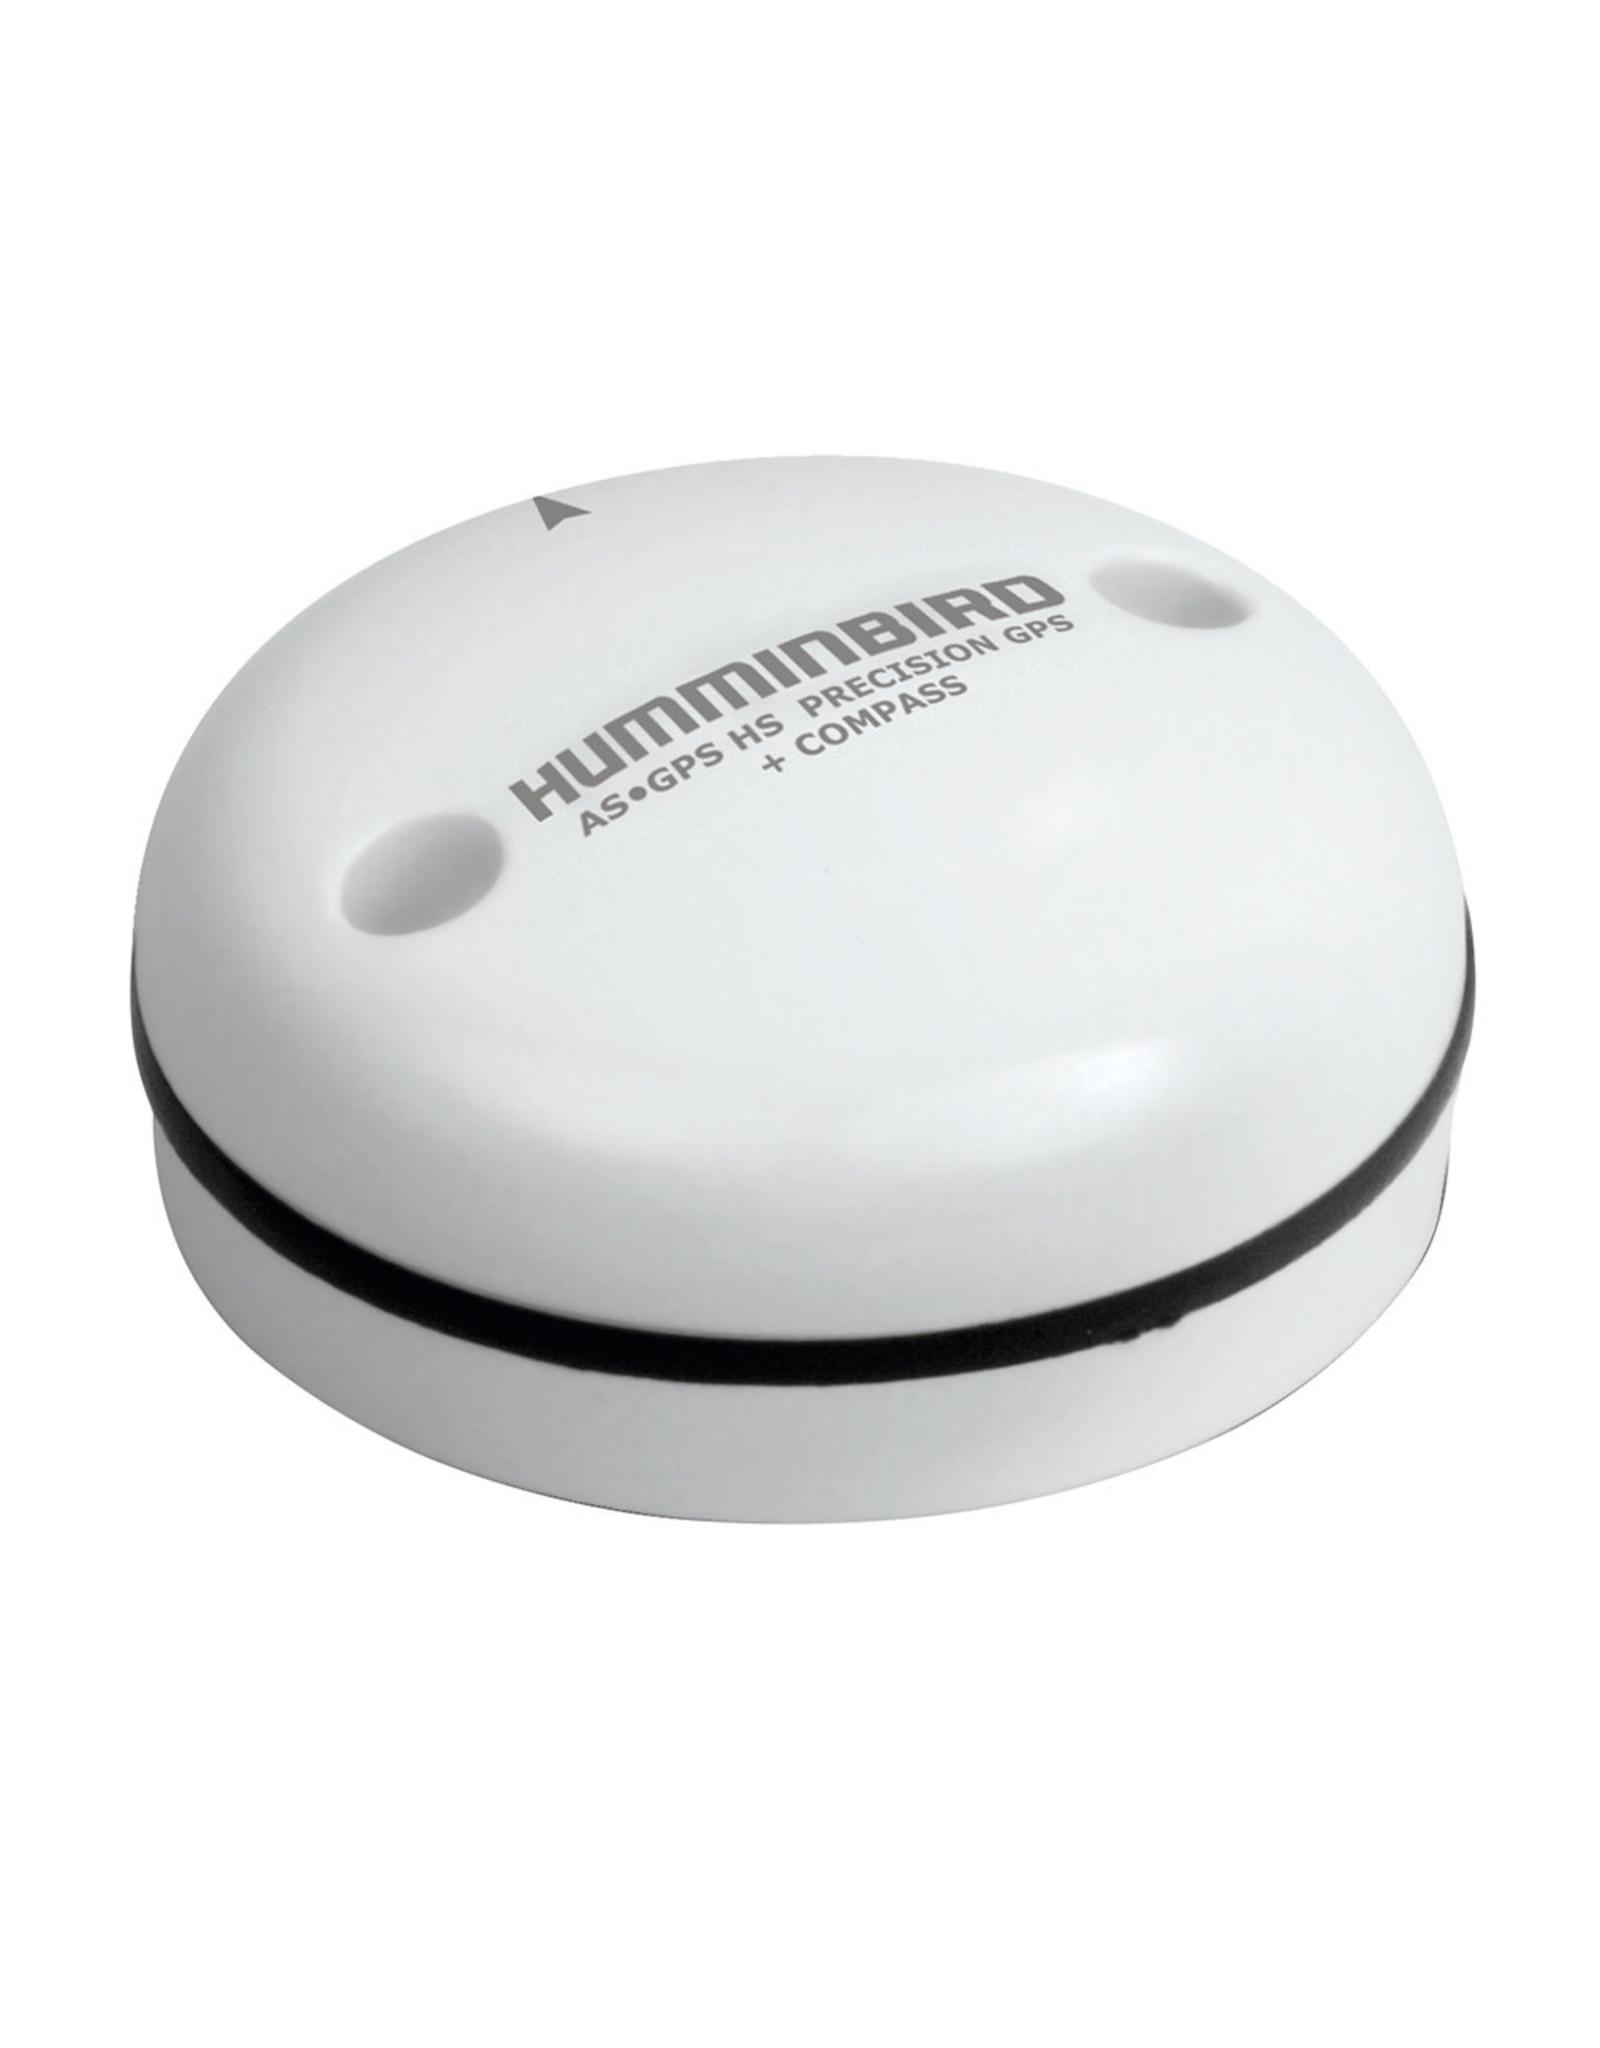 Humminbird AS GPS-HS GPS Receiver